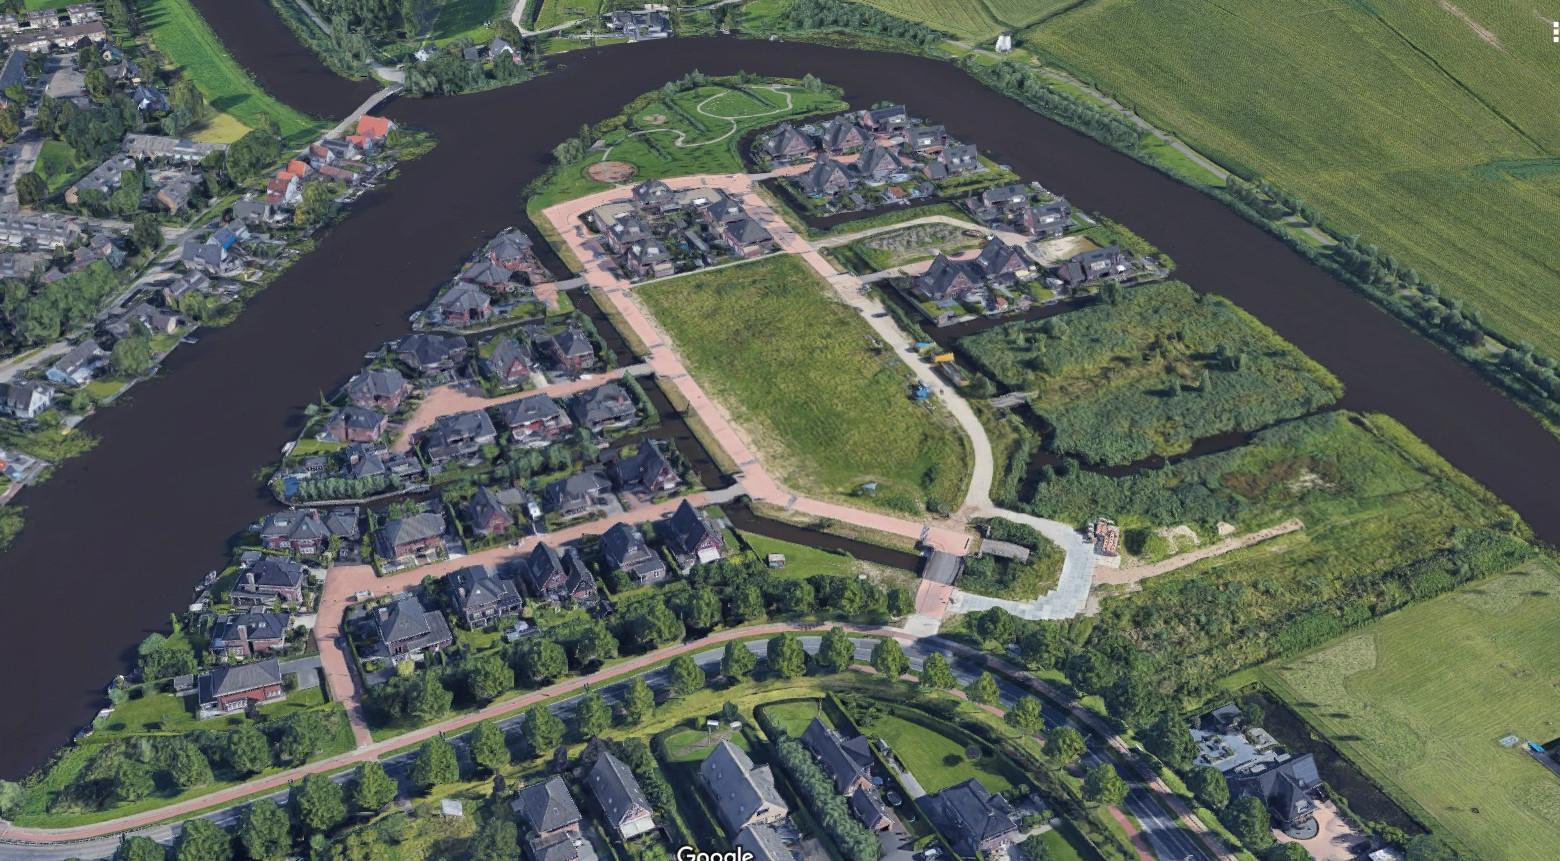 Villawijk Waterhoven vanuit de lucht gezien.